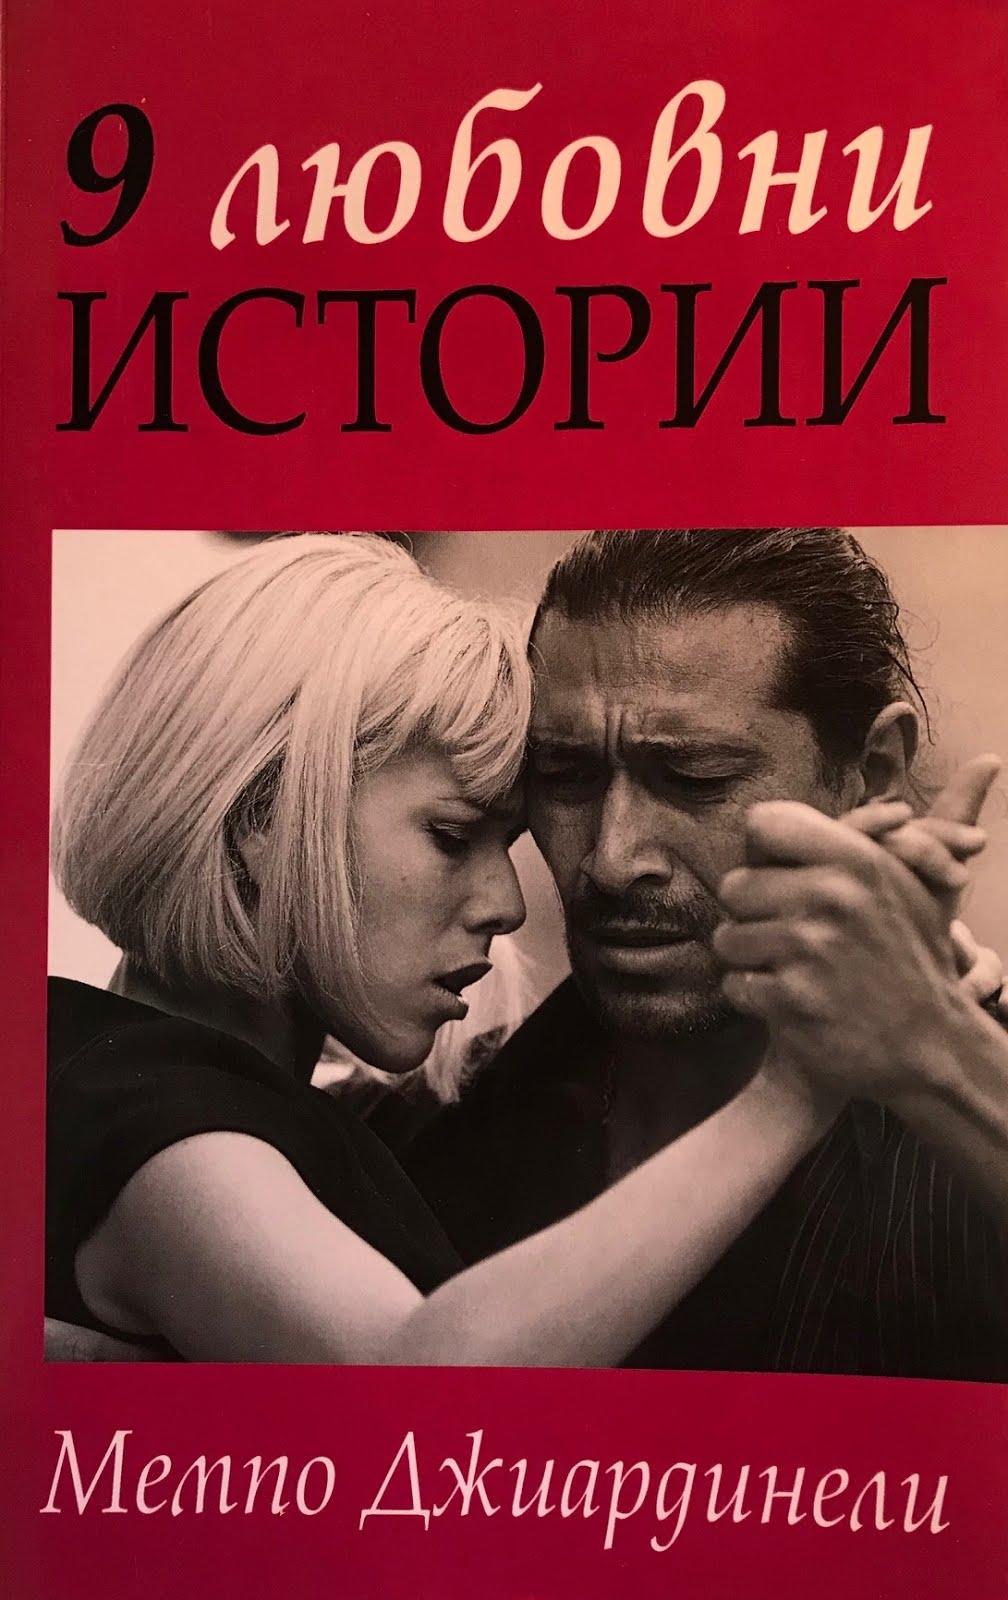 9 Historias de Amor, en Bulgaria